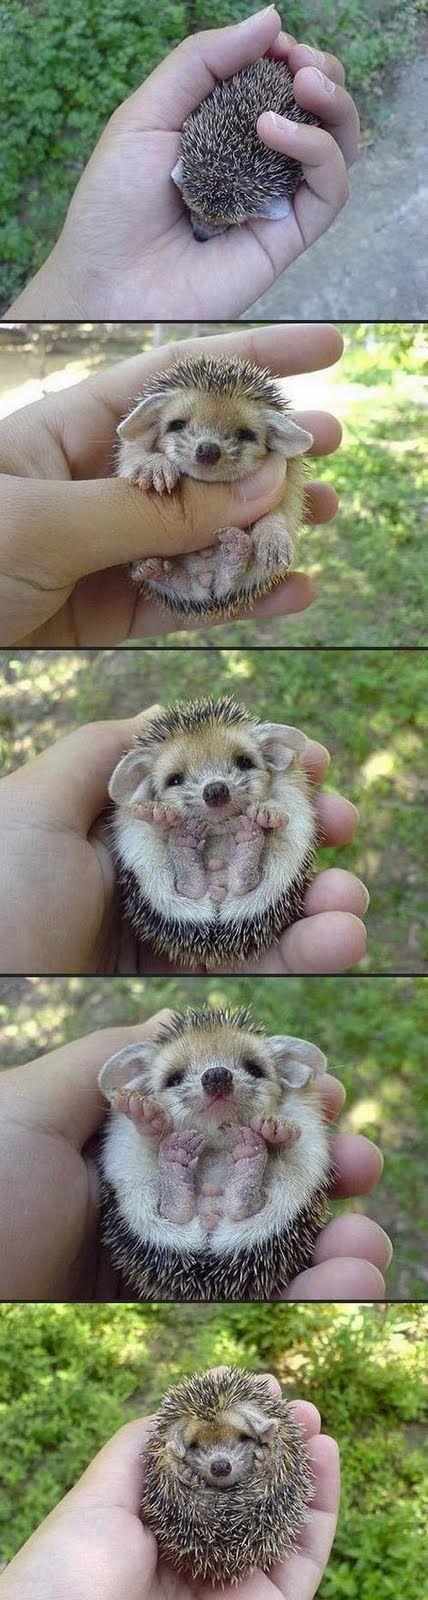 Just. So. Cute.